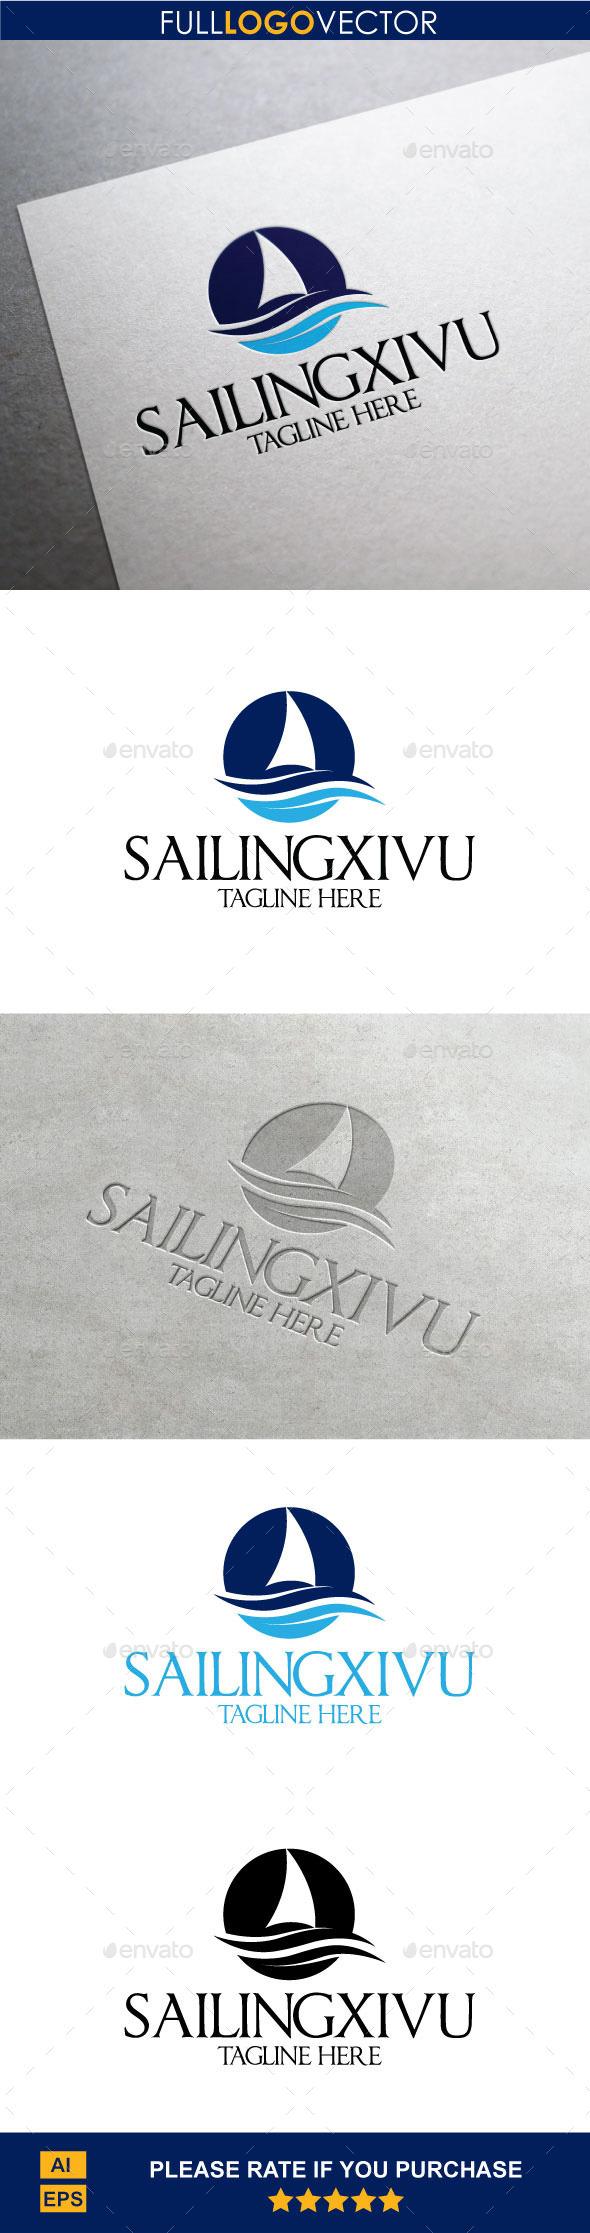 Sailingxivu - Symbols Logo Templates